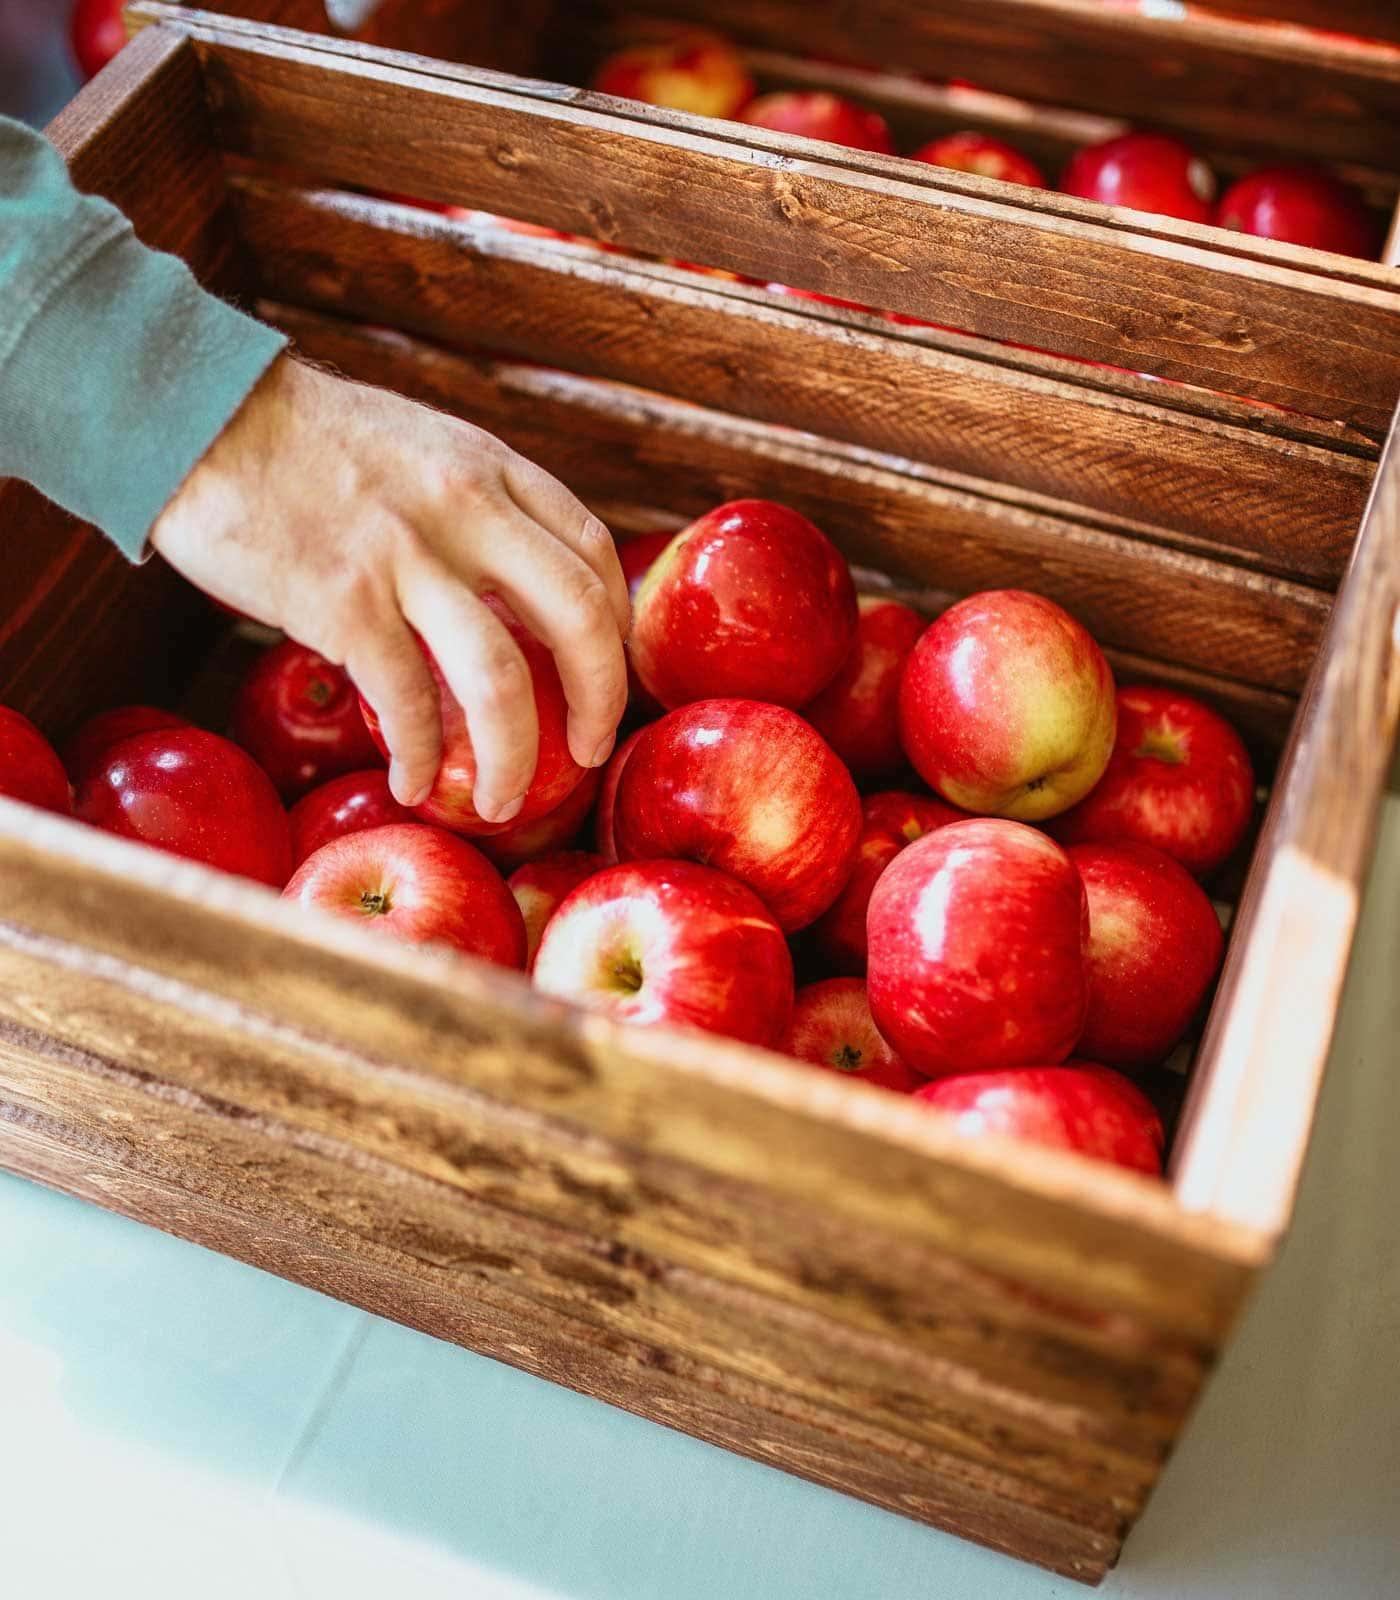 Schöner Herbstausflug mit Kindern, um frisches Obst selbst zu ernten // HIMBEER